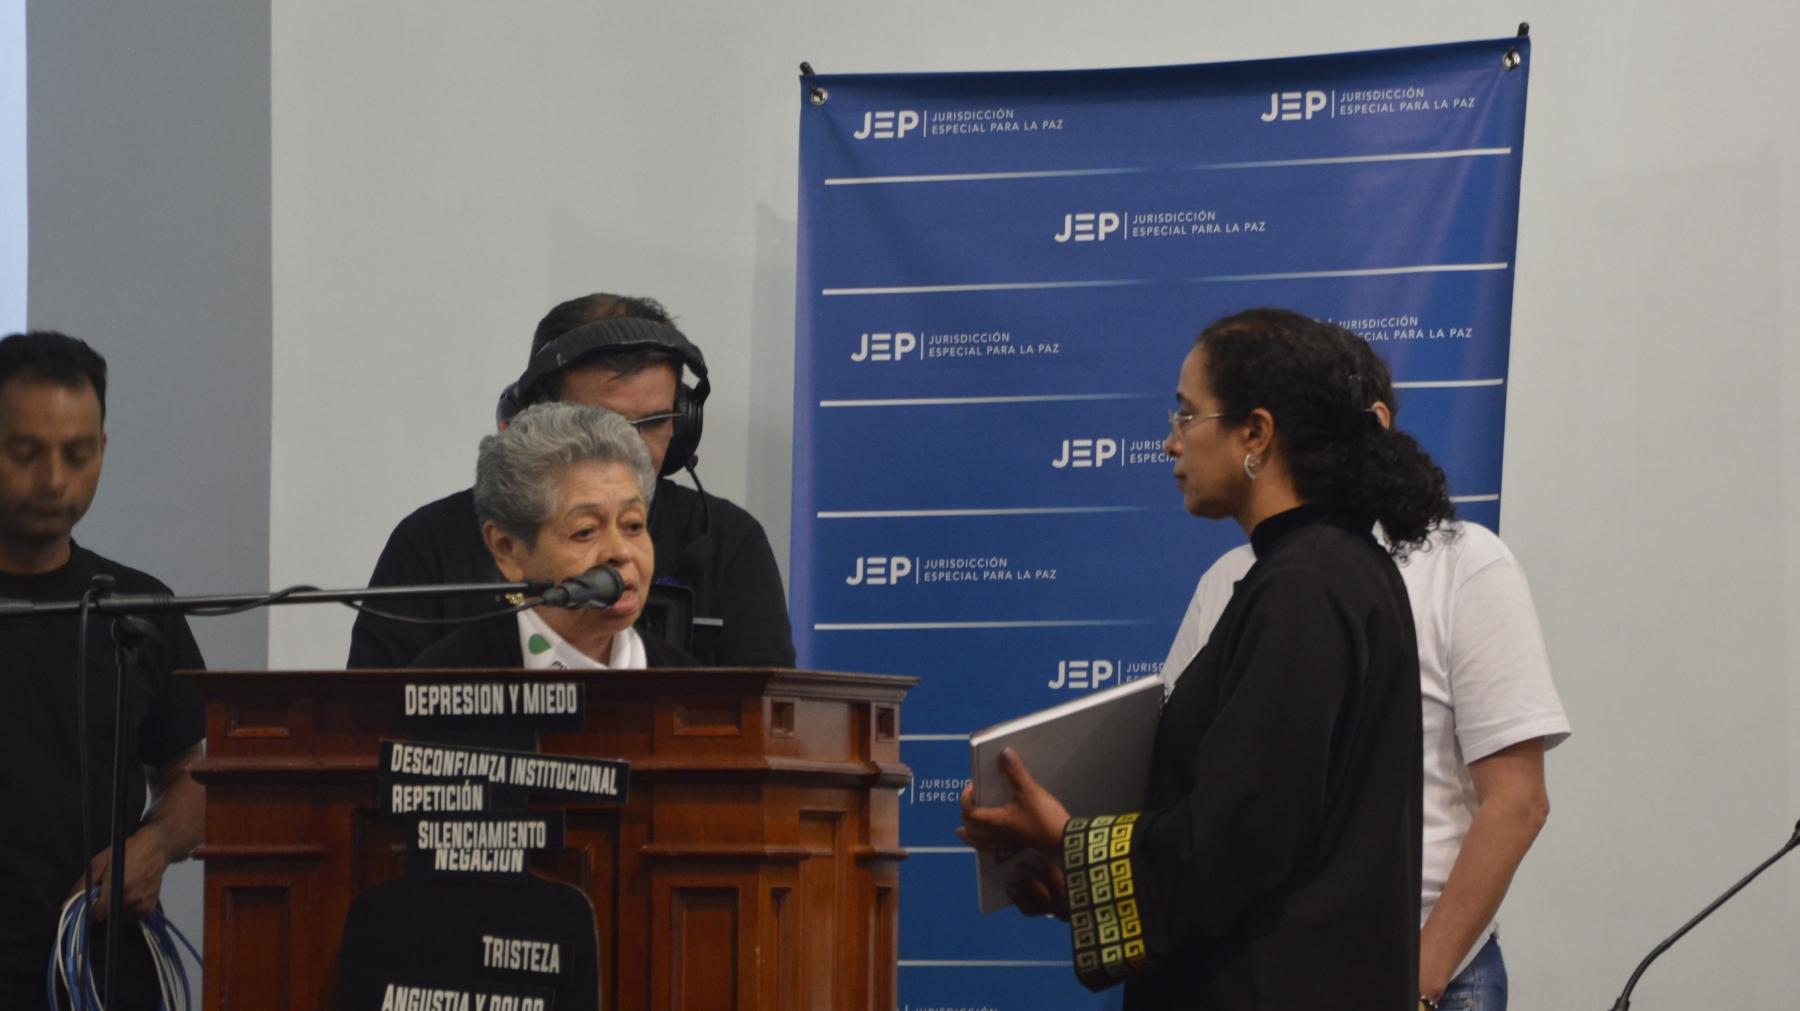 Acto de entrega de libro con nombres de las personas desaparecidas